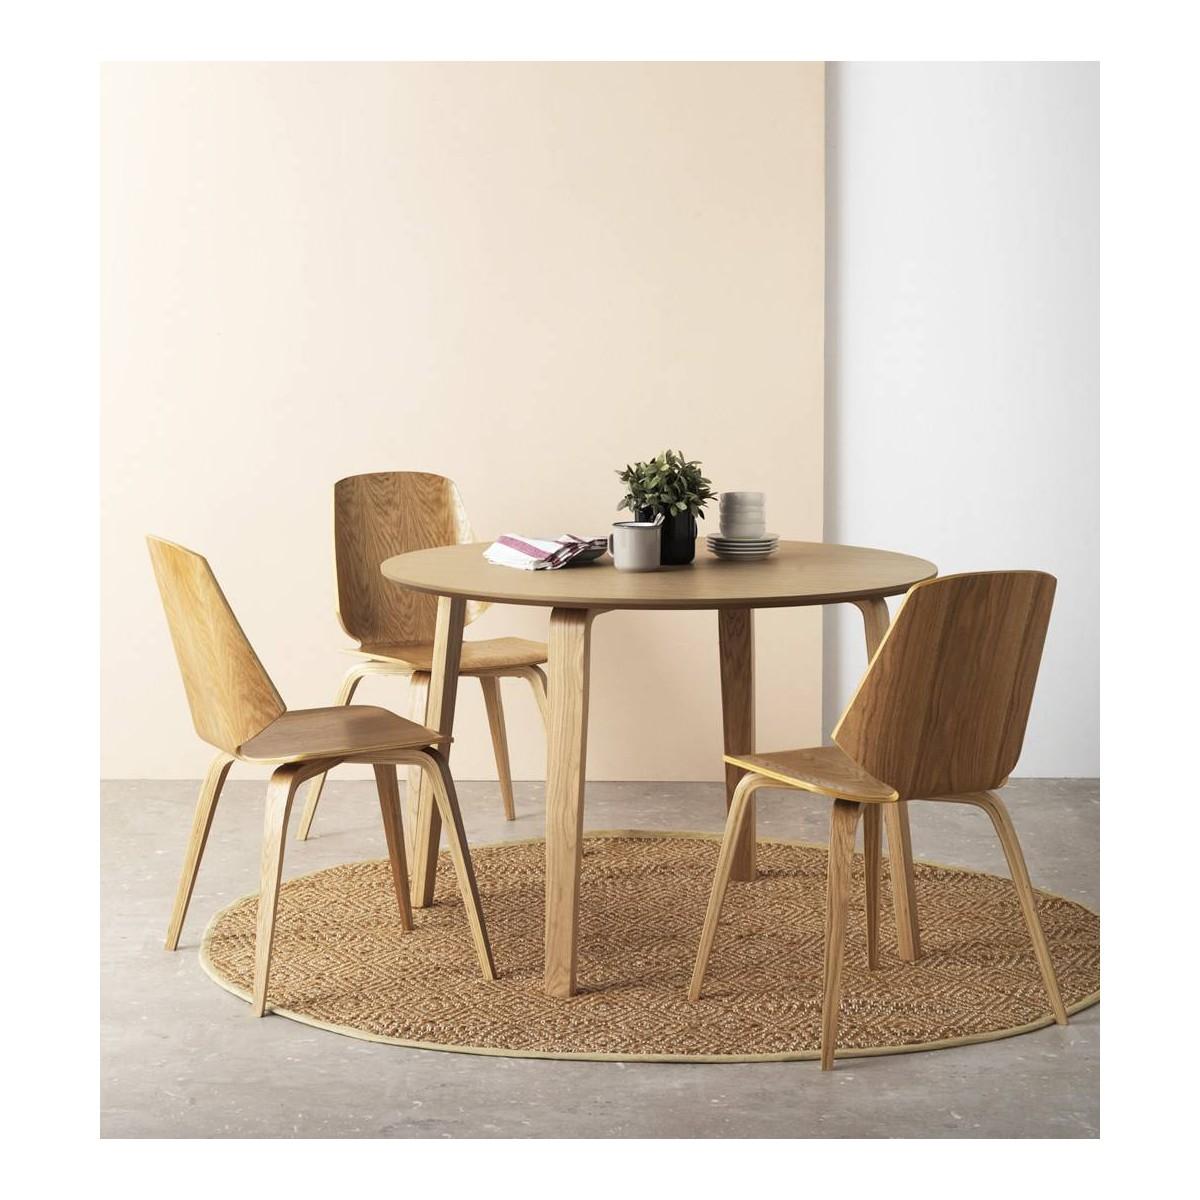 Mesa redonda comedor madera roble finland modelo 3 for Modelos de mesas de comedor de madera